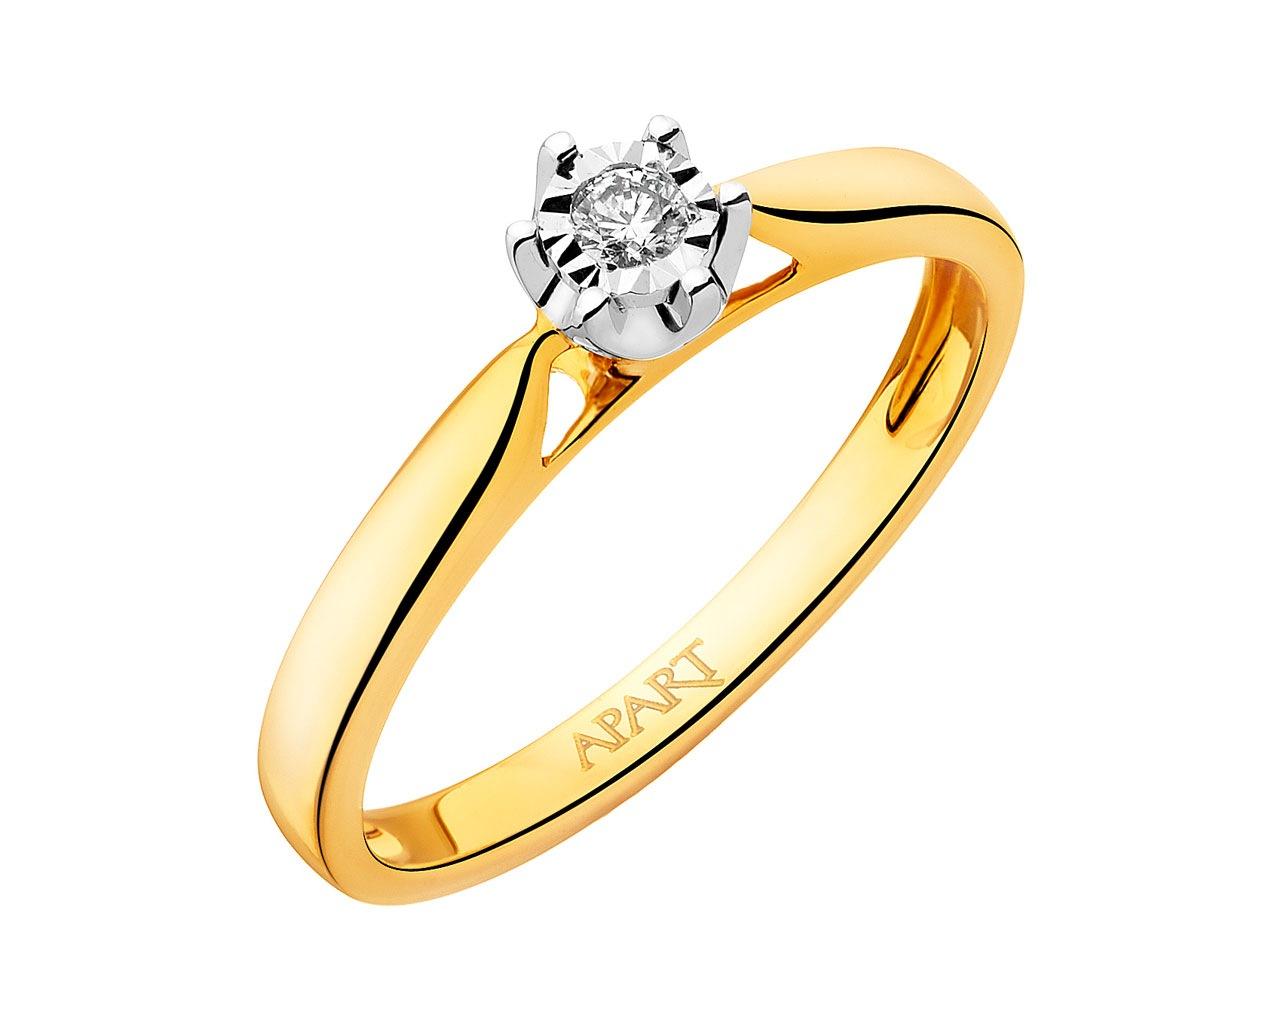 Pierścionek Z żółtego I Białego Złota Z Brylantem Wzór 109461 Apart